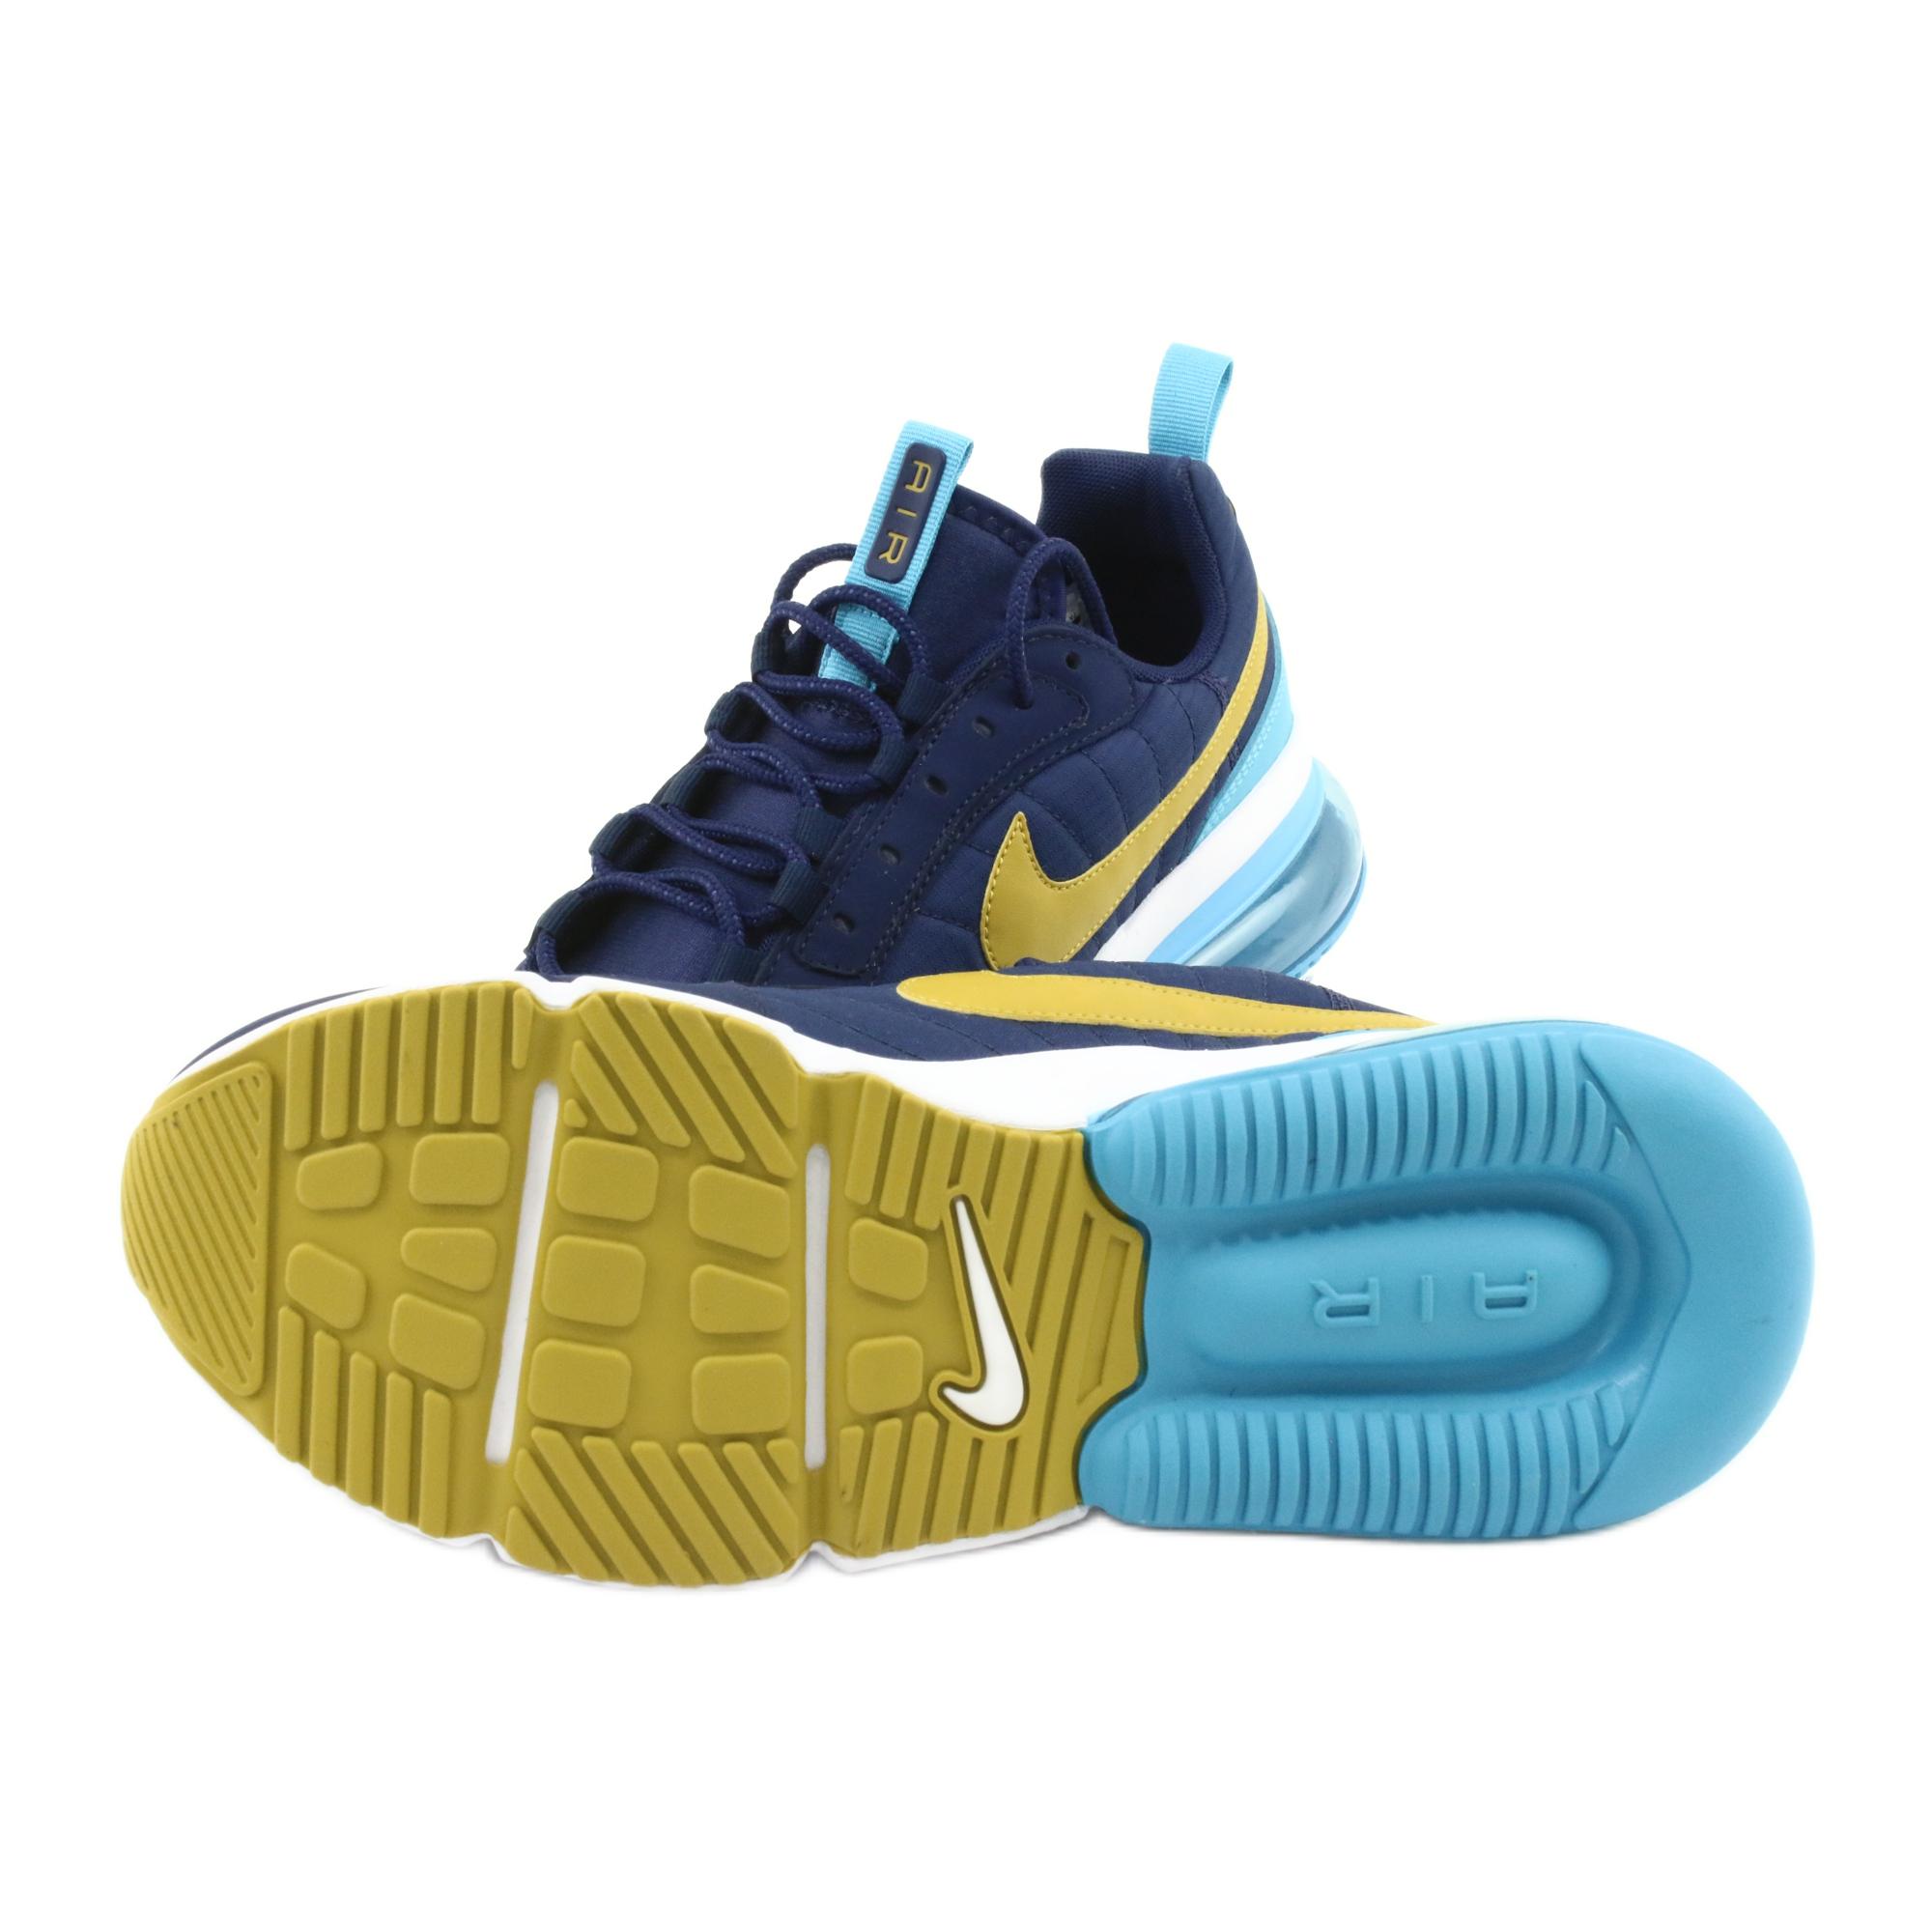 Nike Air Max 270 Futura M AO1569 400 skor